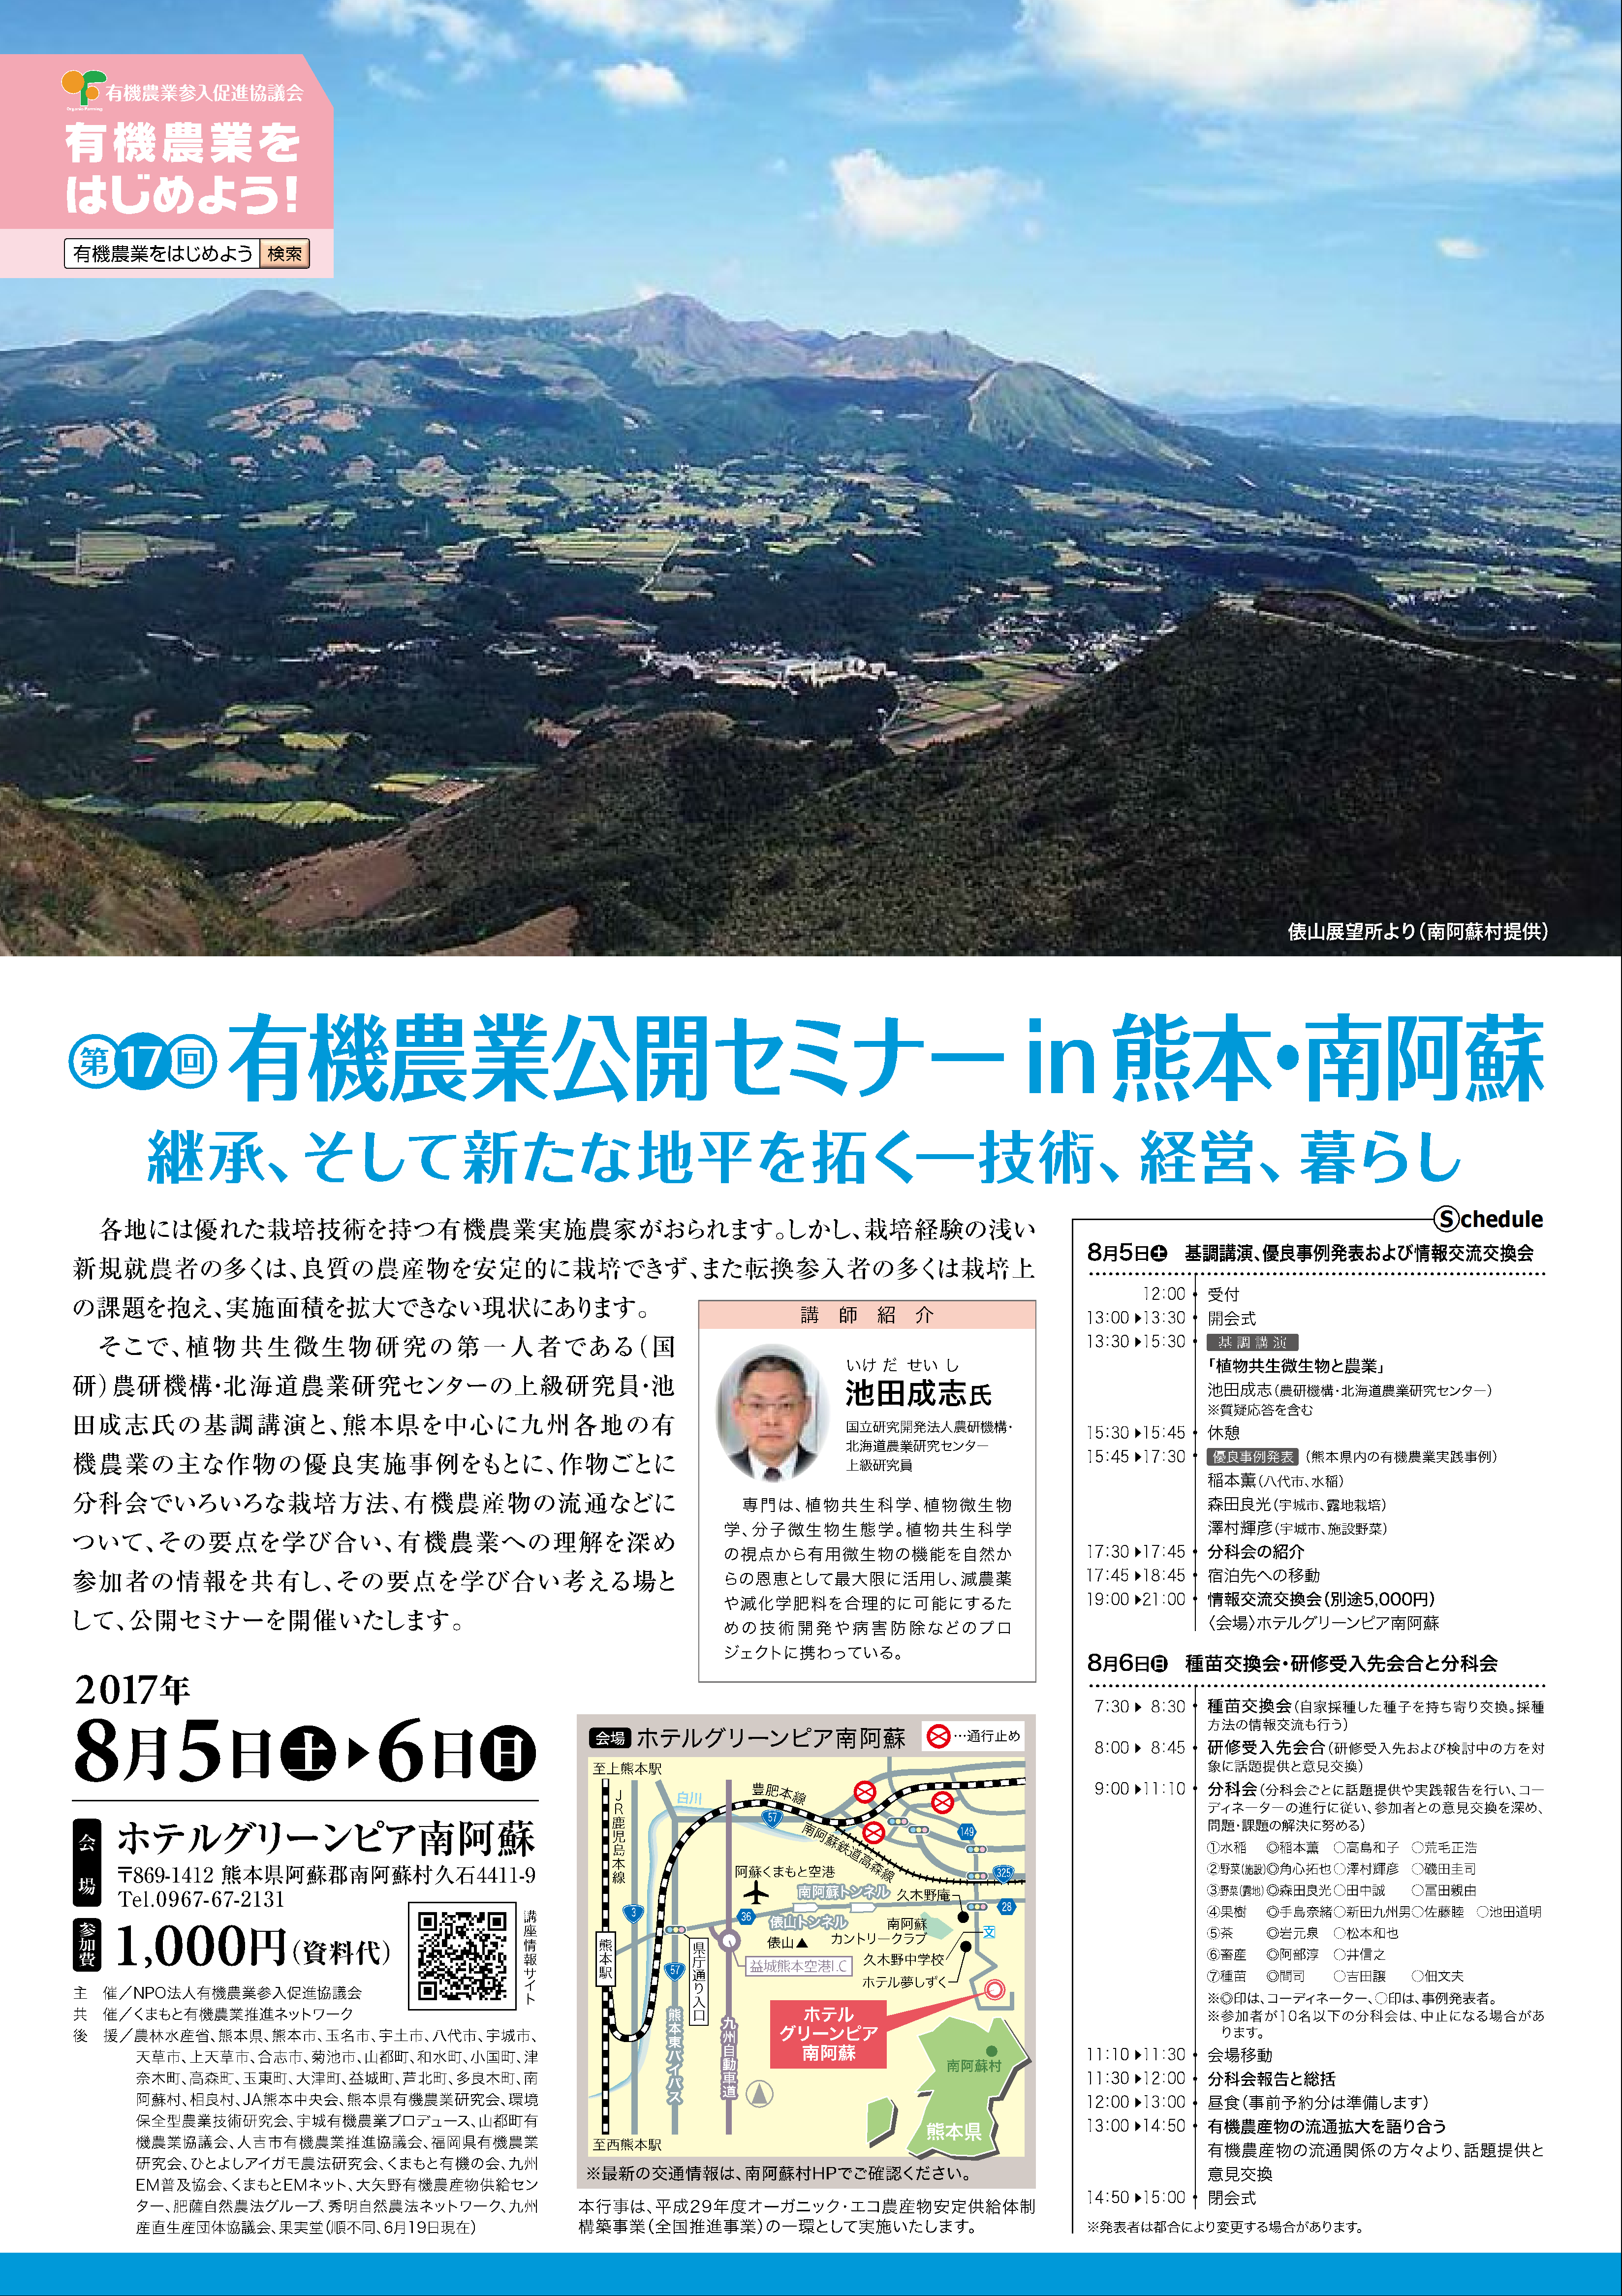 第17回有機農業公開セミナーin熊本・南阿蘇(2017)